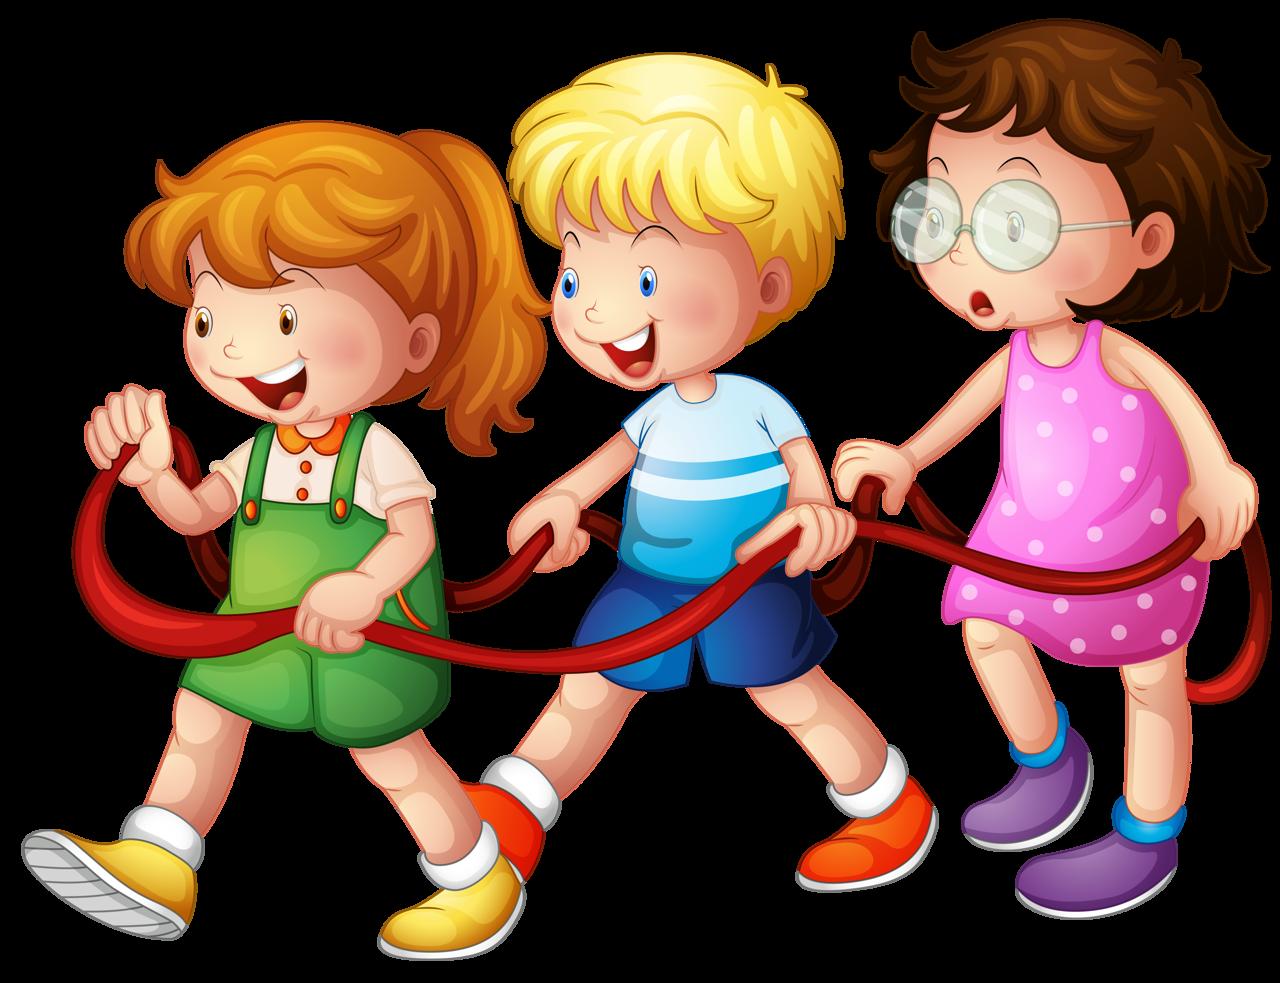 Анимации детский сад картинки